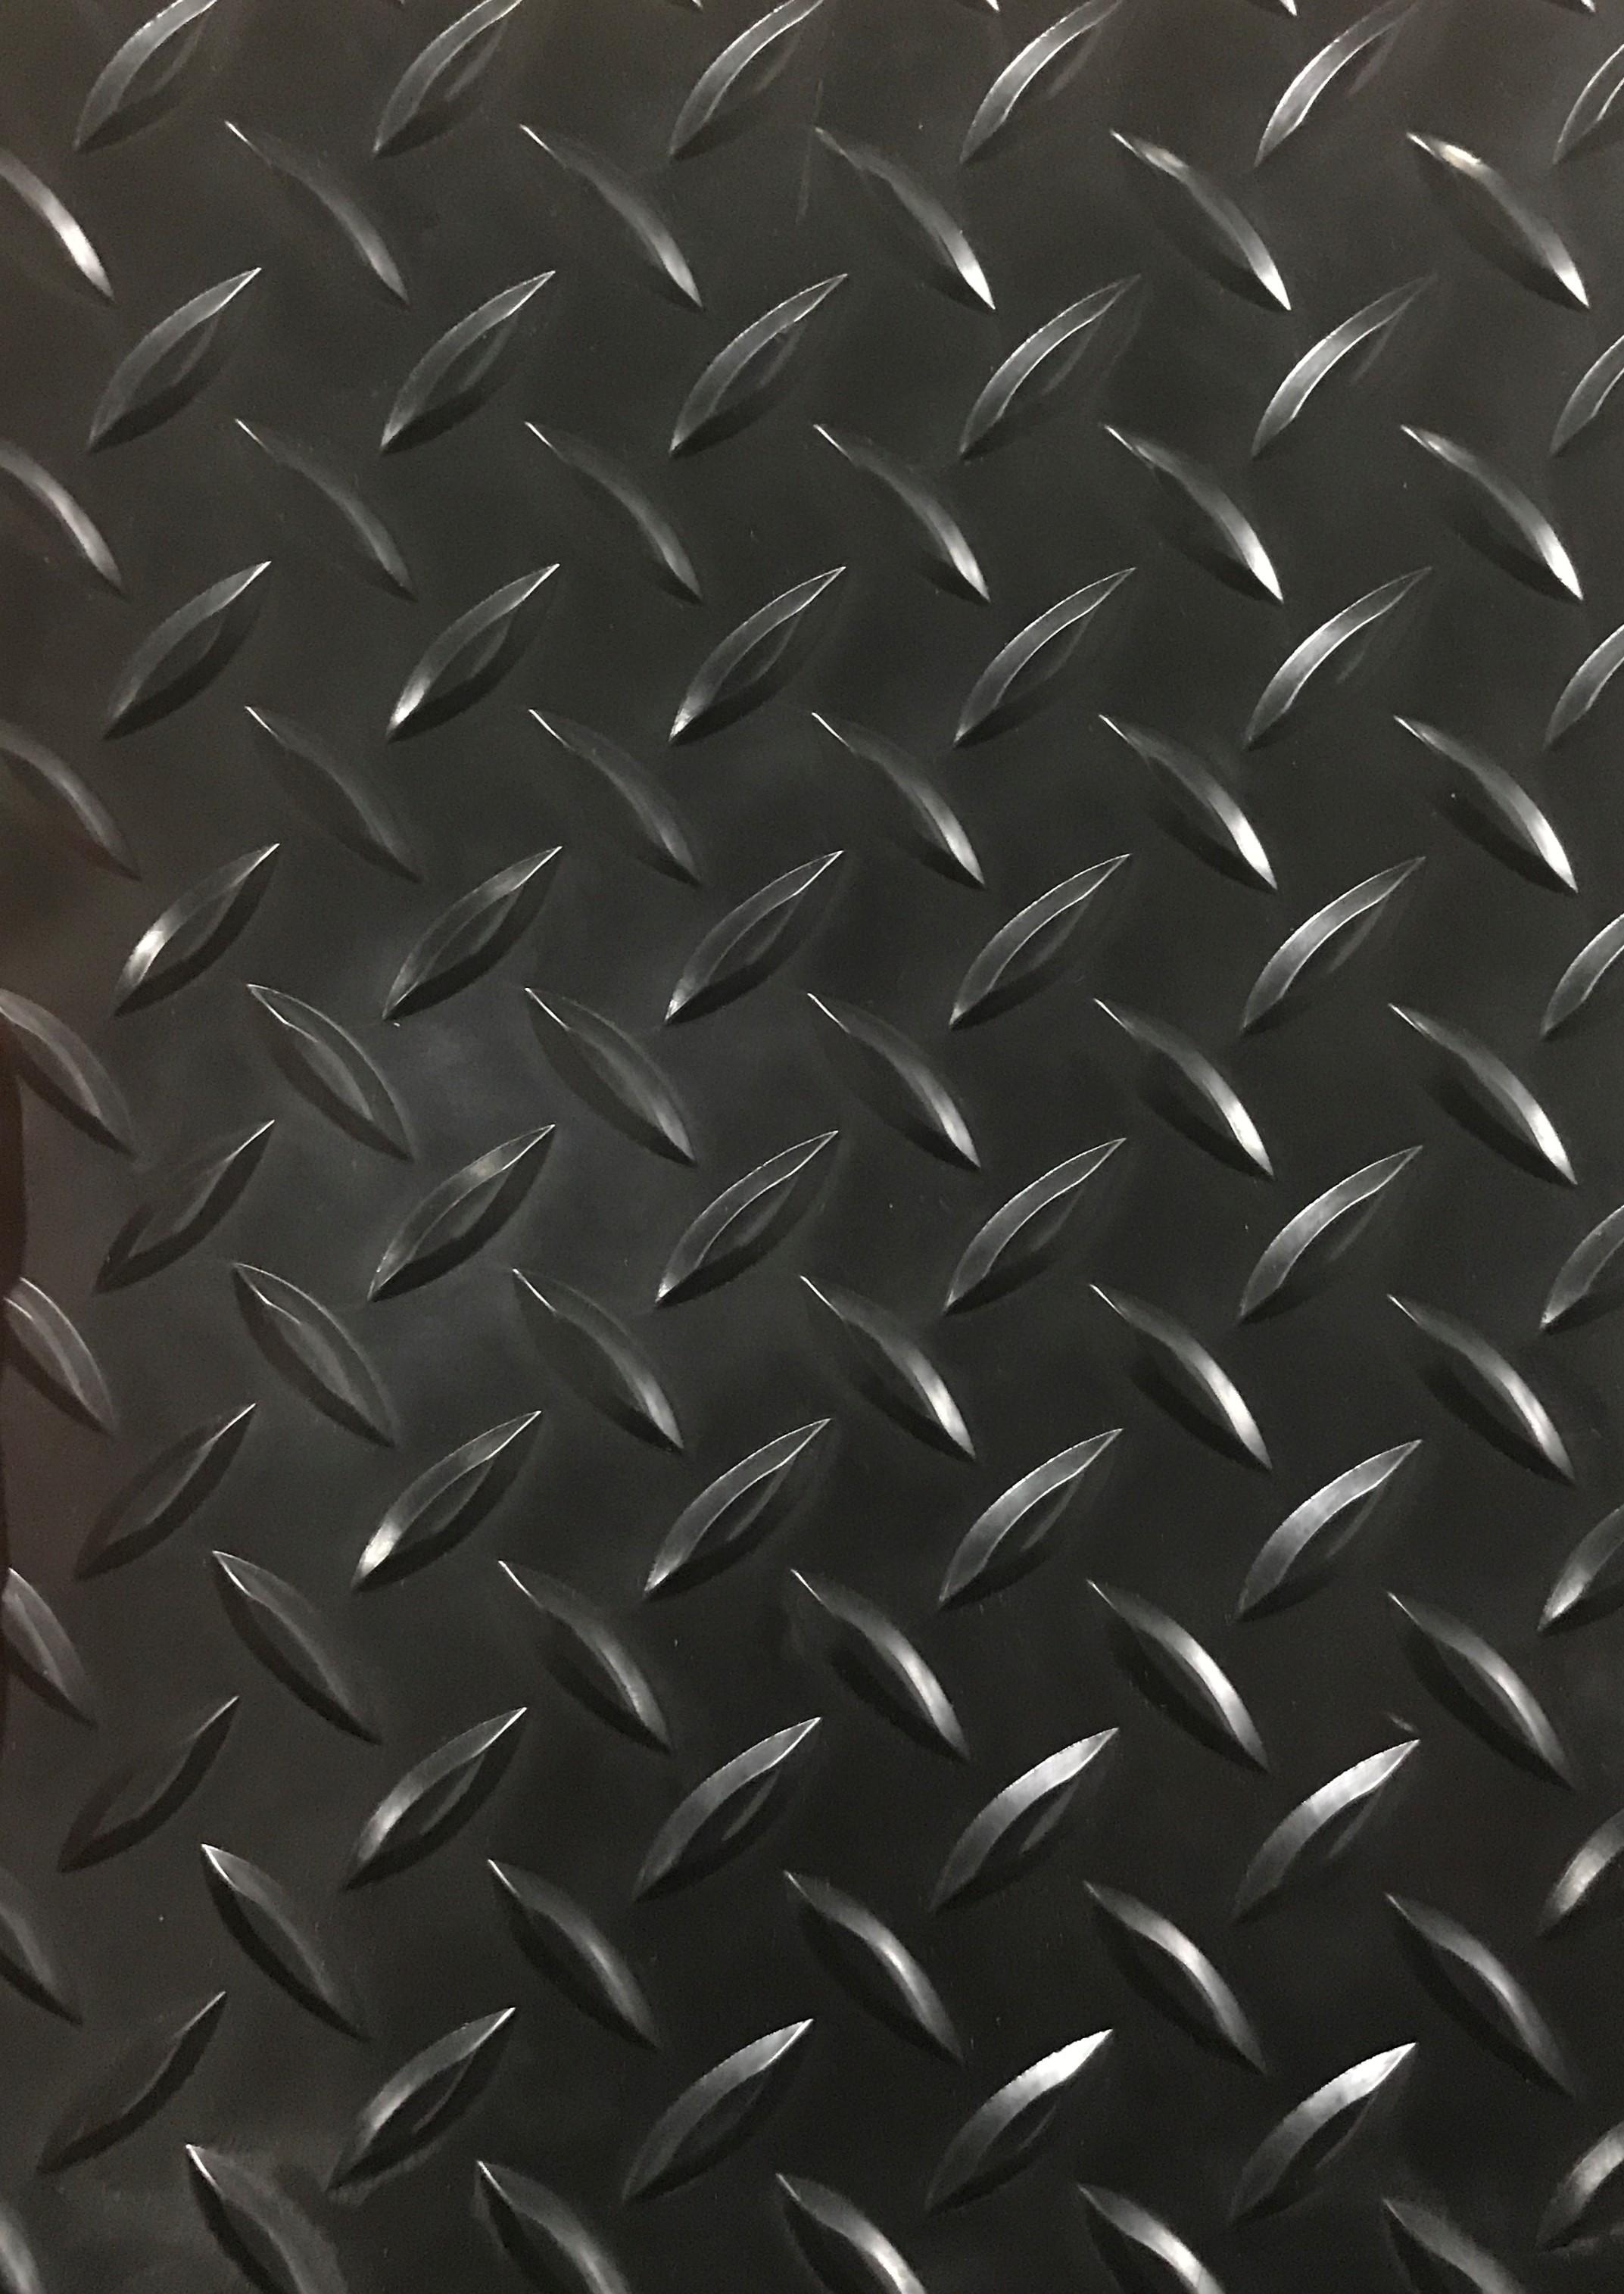 Raised Diamond Plate Vinyl Flooring Floor Source And Supply